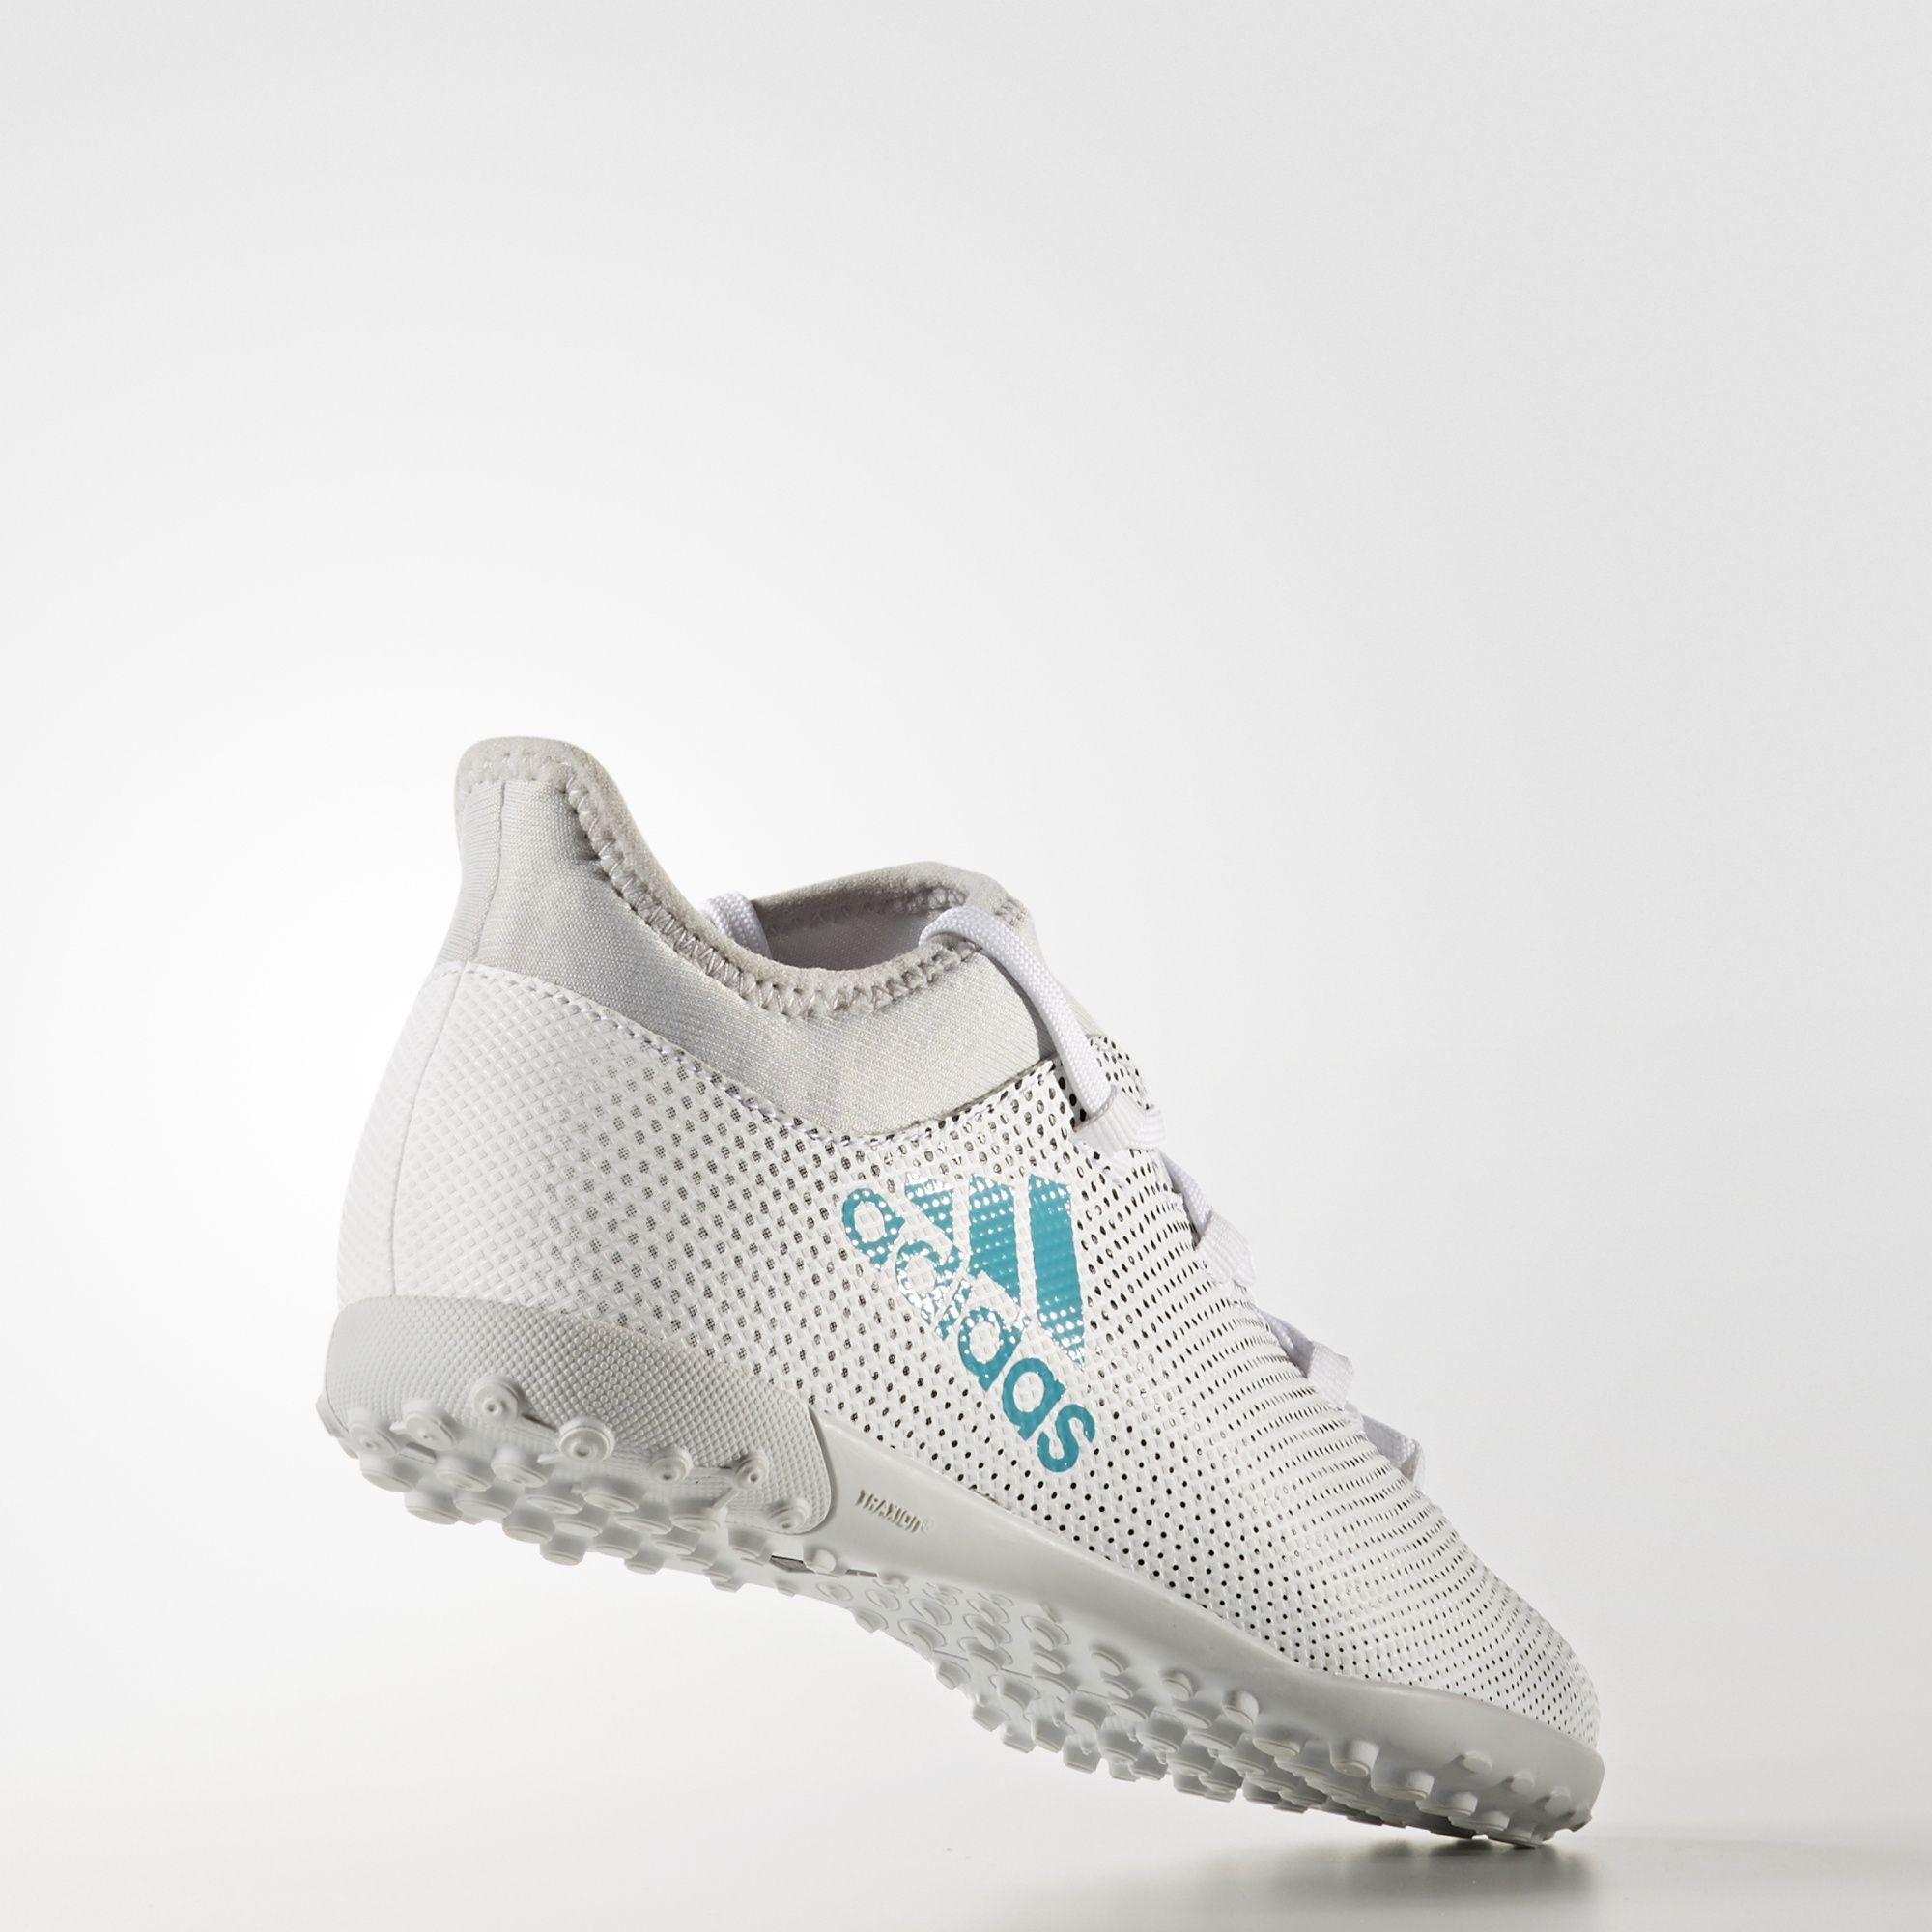 b203b3f5a adidas - X Tango 17.3 Turf Shoes | ermergershoes | Adidas shoes ...